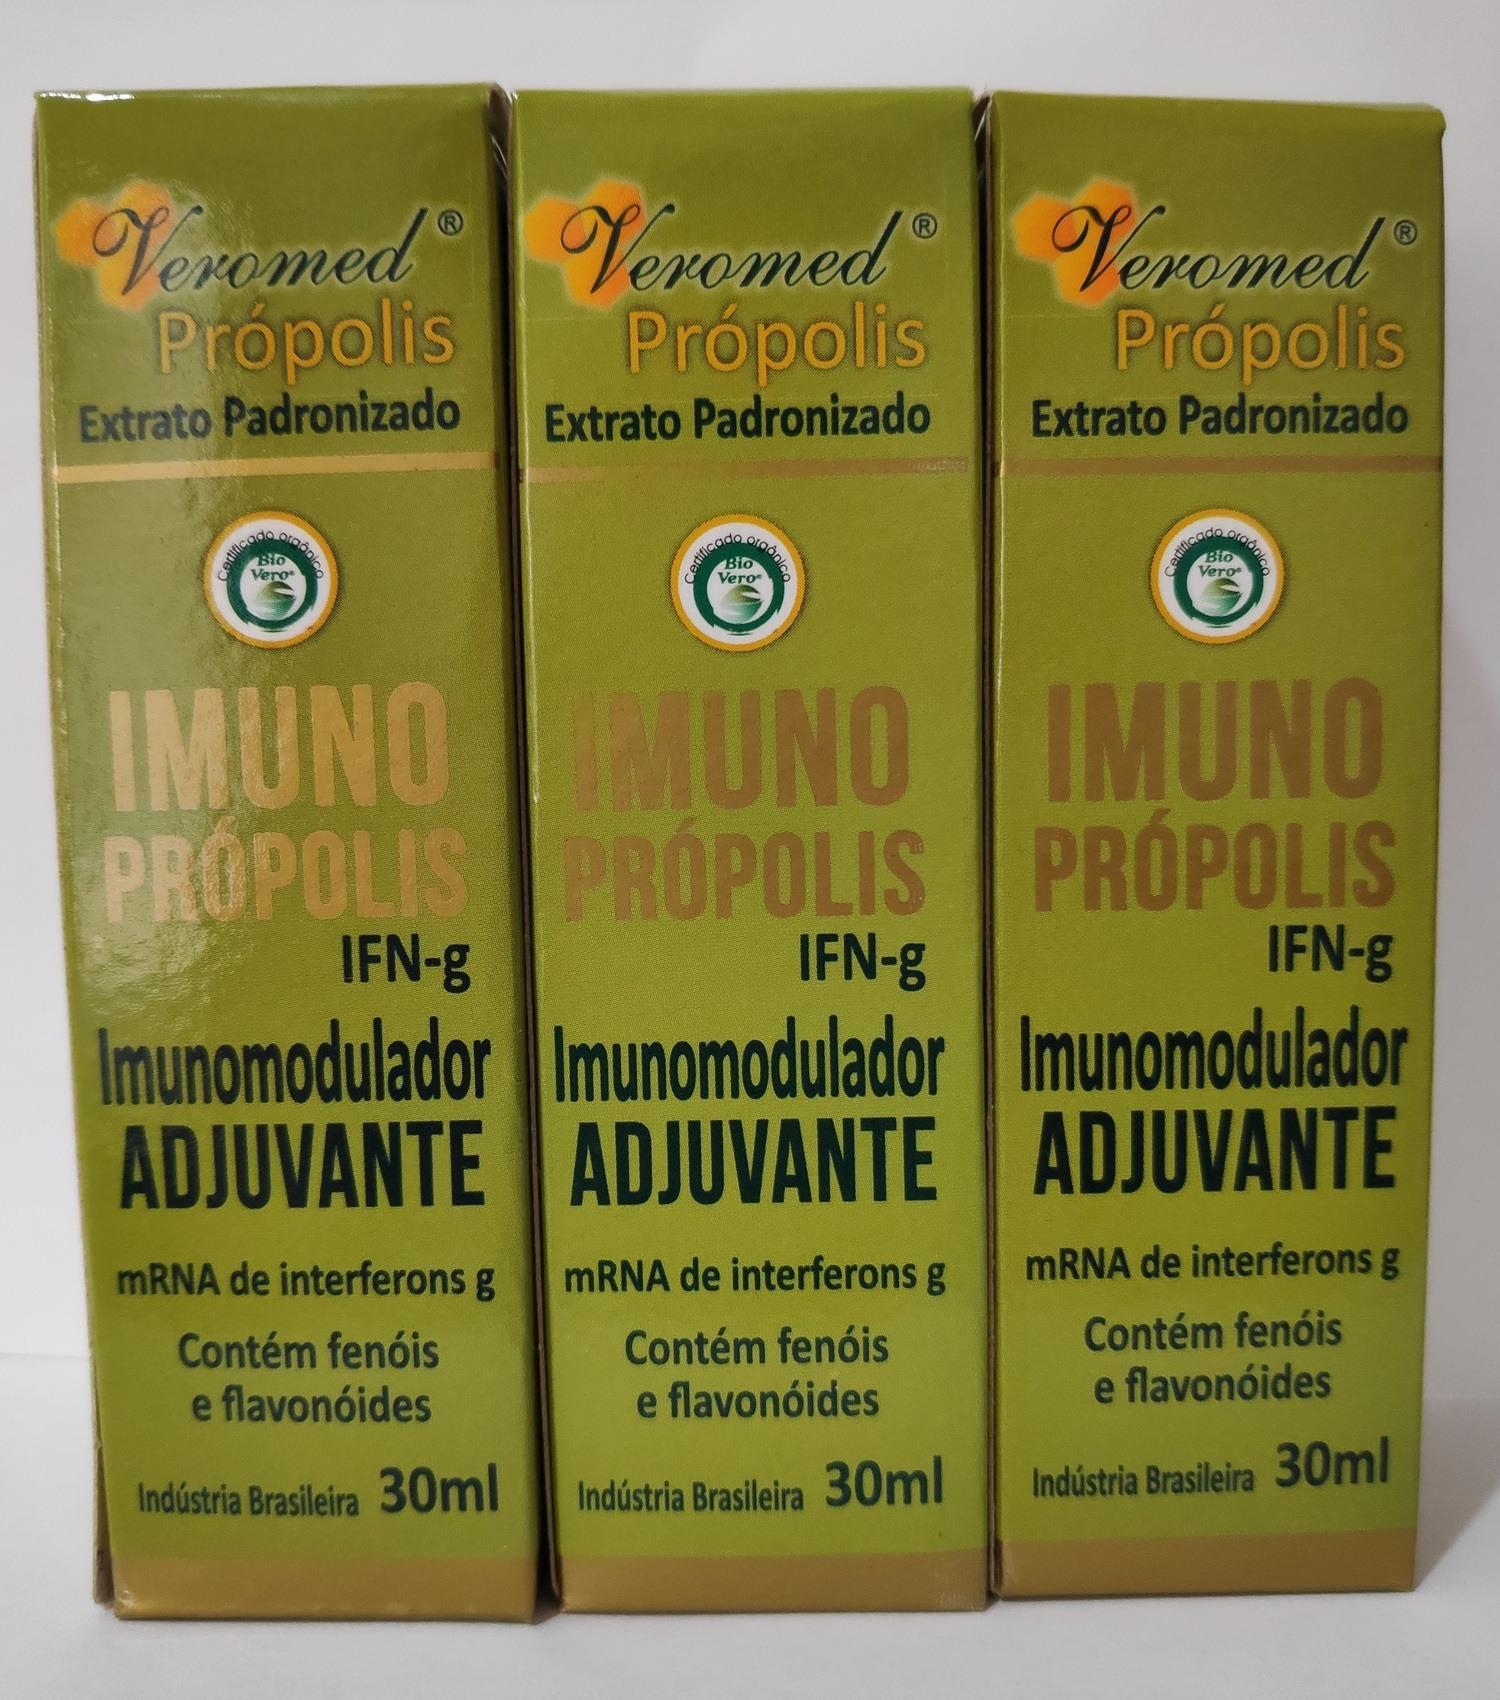 Imuno Própolis Verde Imunomodulador - Veromed 30ml (3 Unidades)